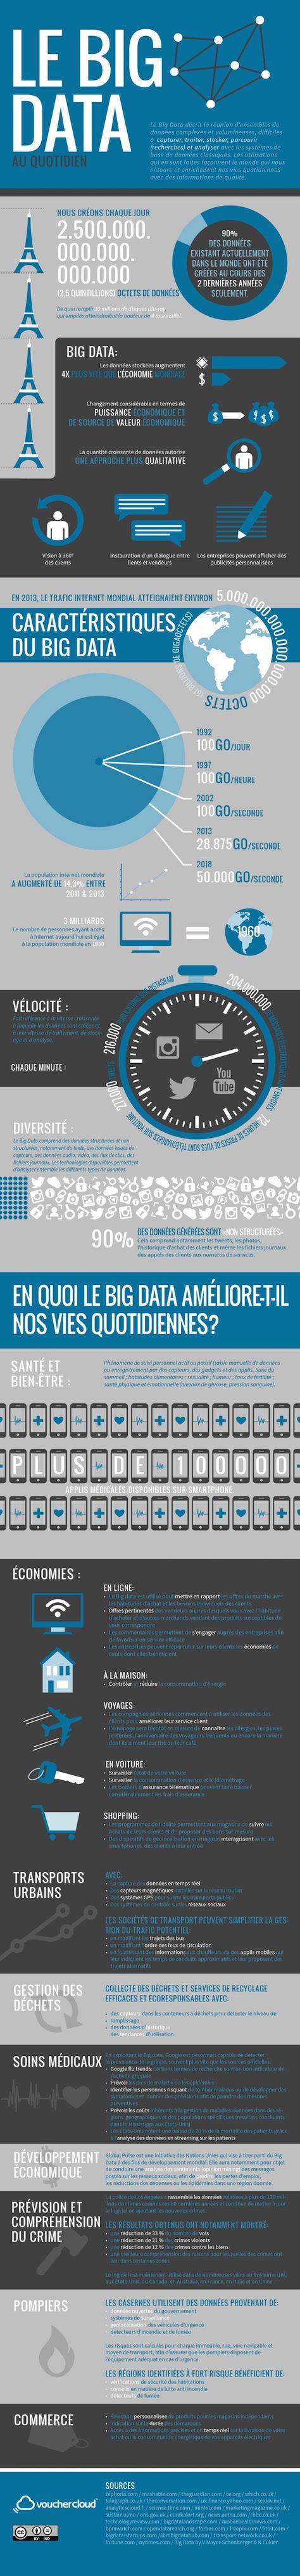 [#BigData #SmartData] Les données issues du big data enregistrent une croissance exponentielle. Véritable source d'opportunités business, le big data permet aussi d'apporter des améliorations au quotidien des consommateurs. Vouchercloud, spécialiste du coupon et de l'offre de réduction géolocalisés, publie une #infographie, comme une photo de la réalité du big data aujourd'hui [Juillet 2015]